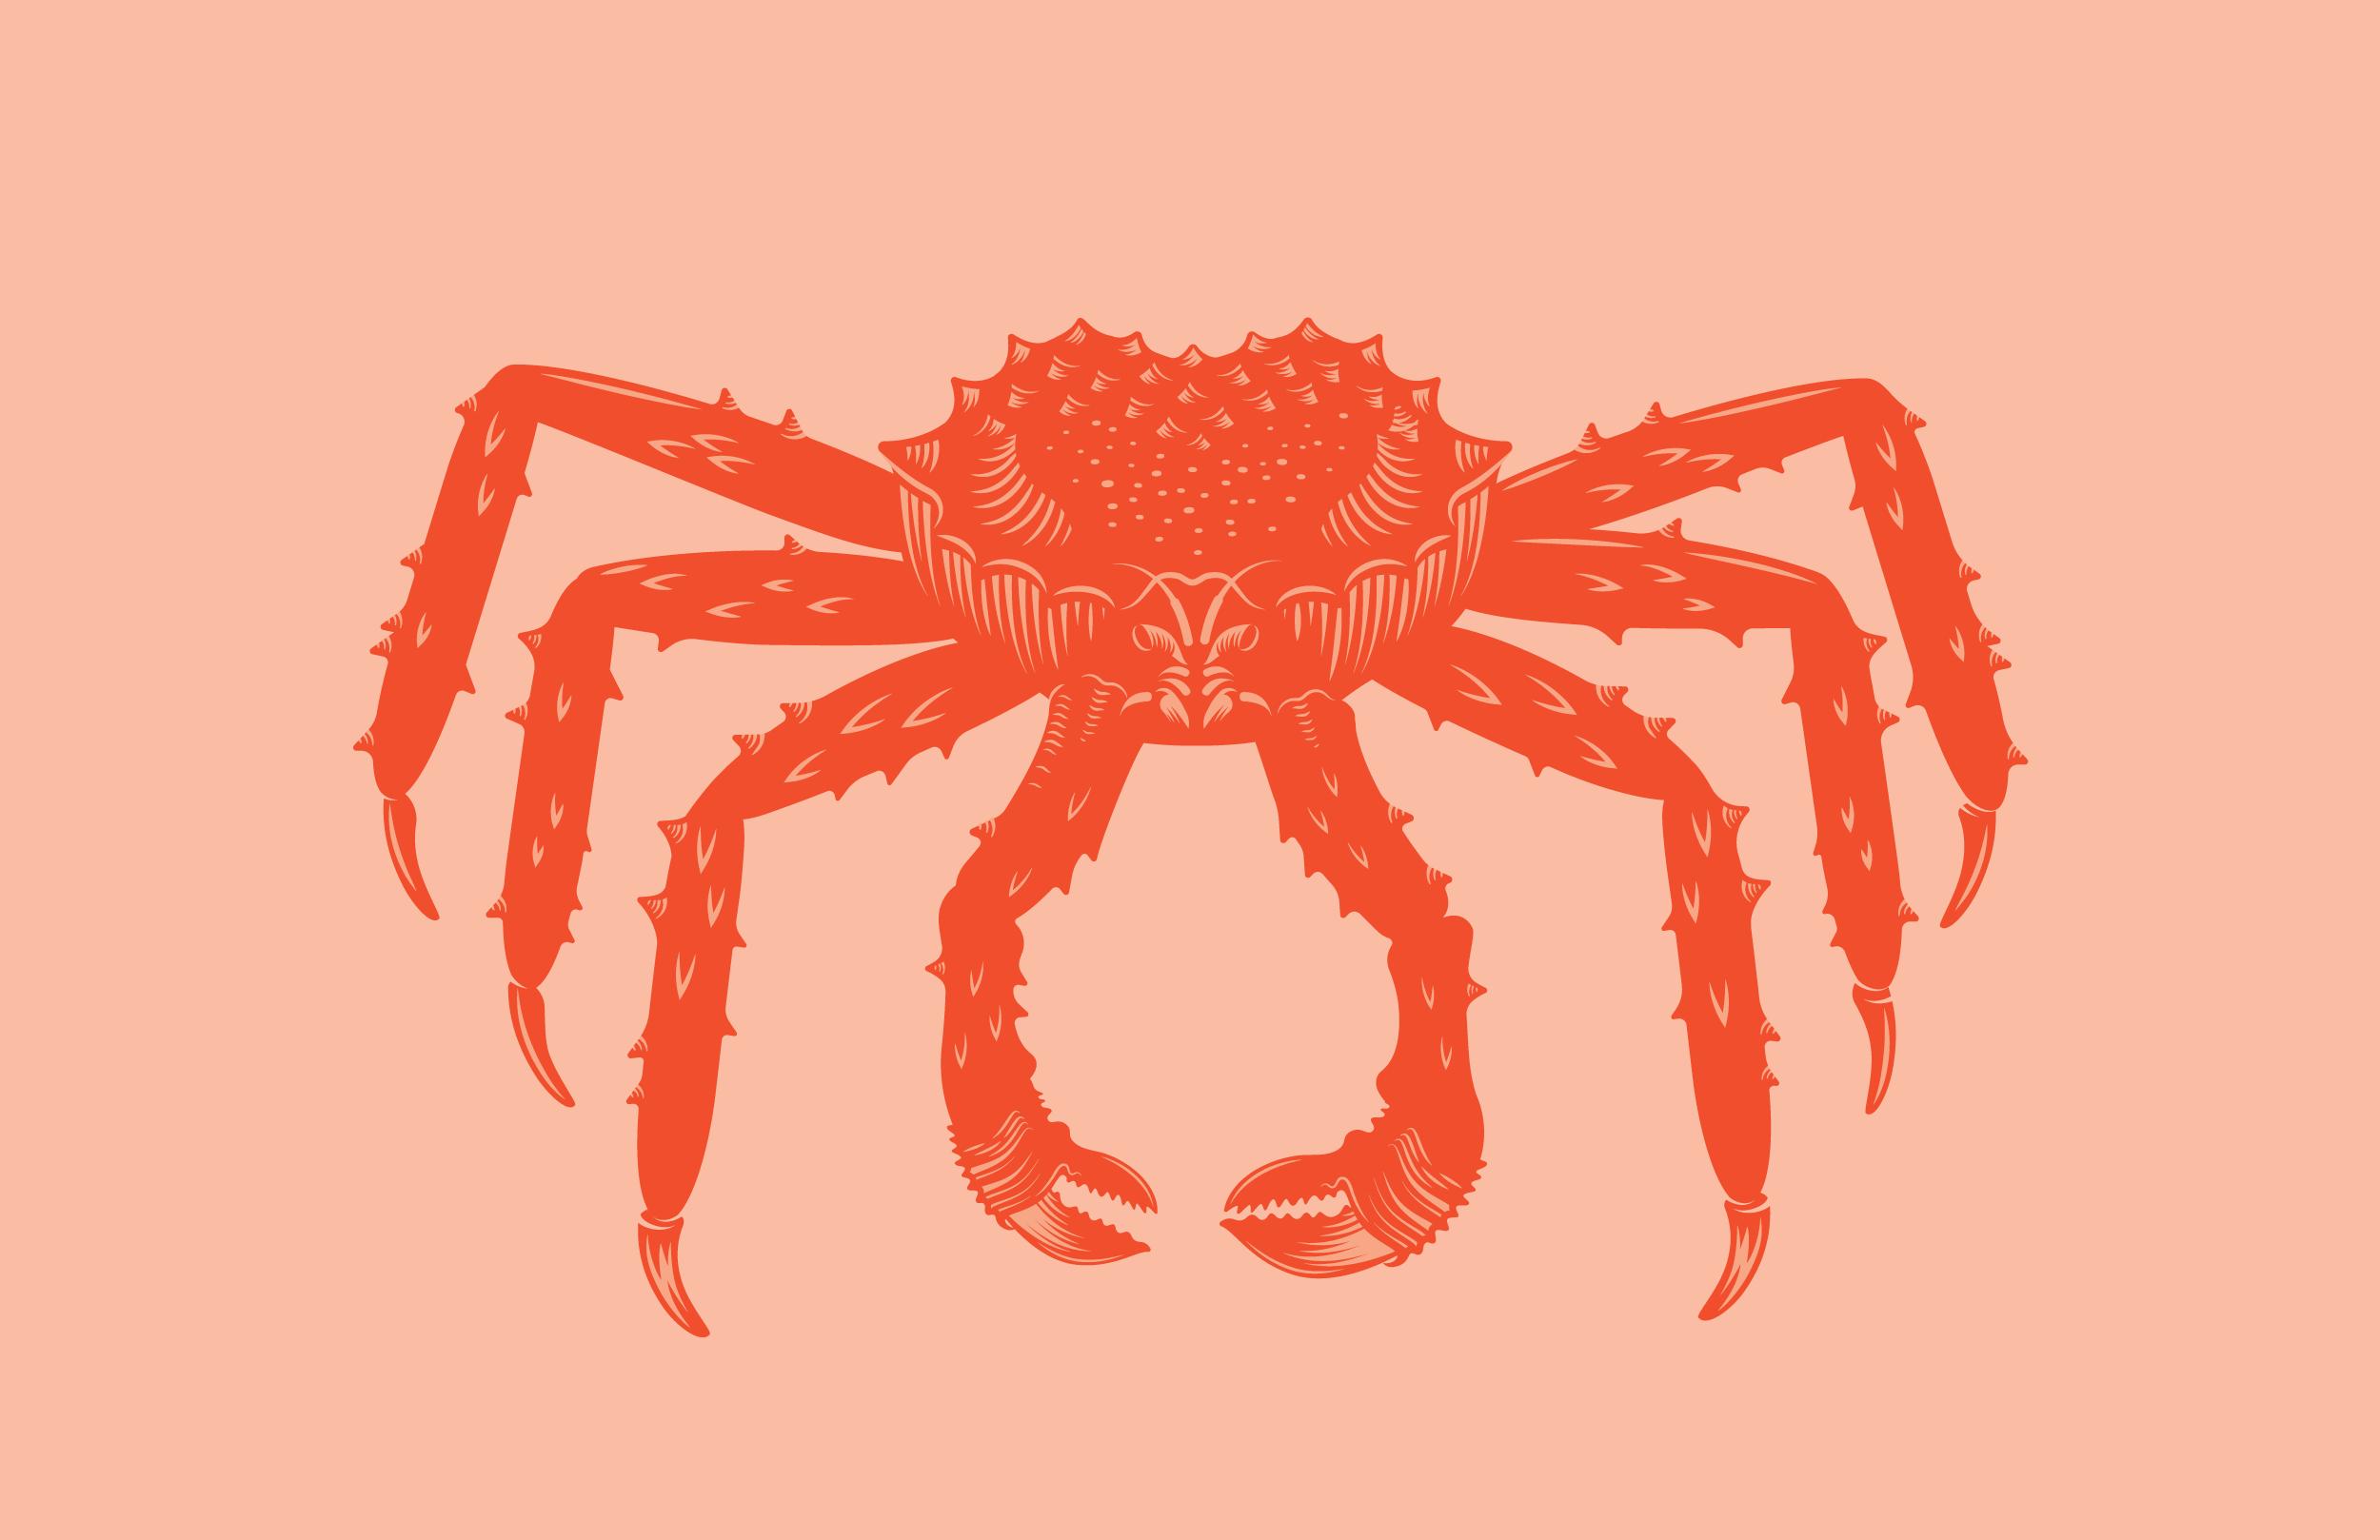 AKHG_APPAREL_Crab_01.png